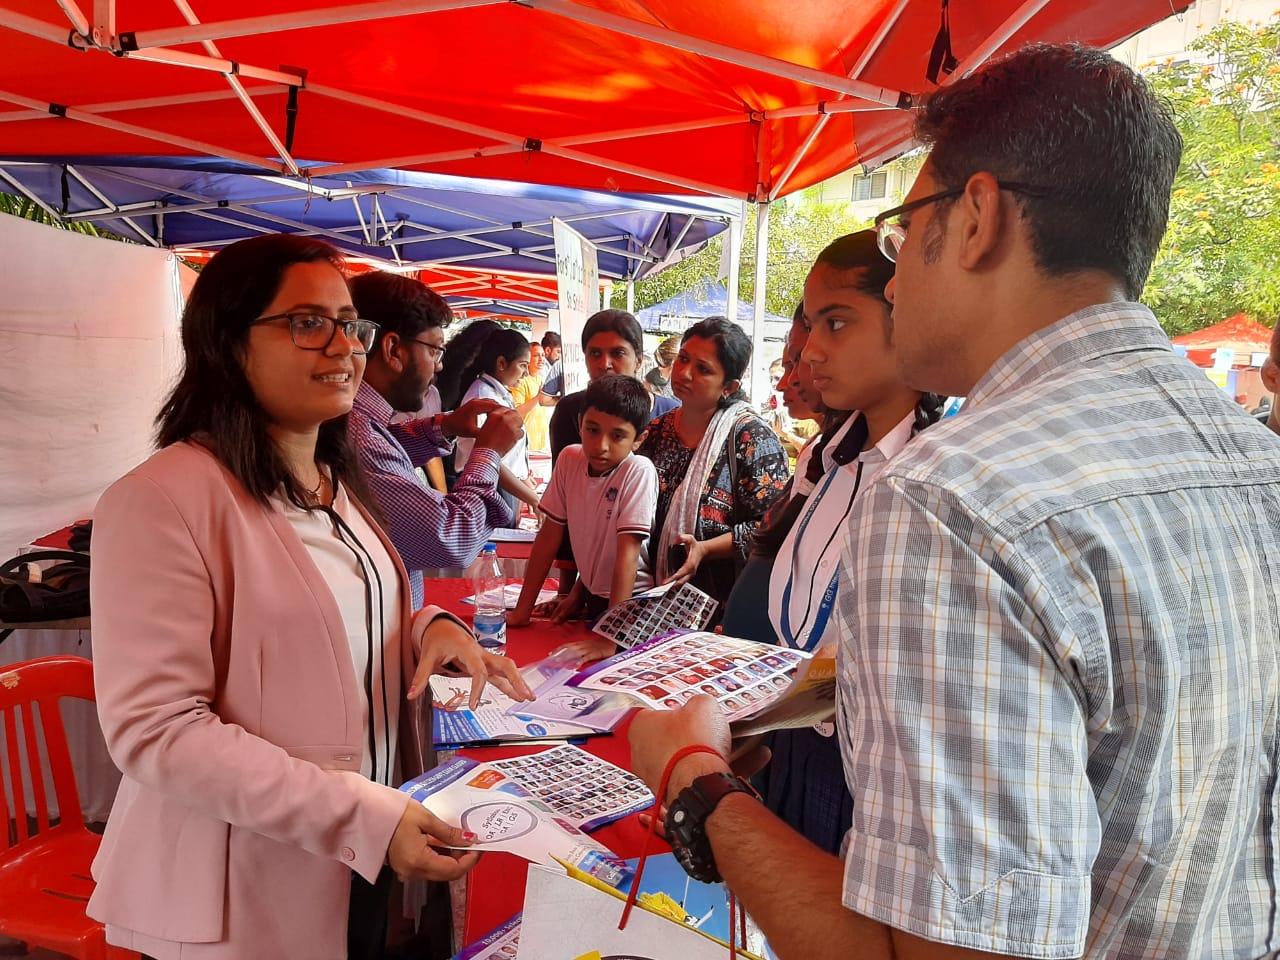 गोयल गंगा इंटरनैशनल स्कुच्यावतीने विद्यार्थ्यांसाठी करीअर मार्गदर्शन एक्स्पोचे आयोजन